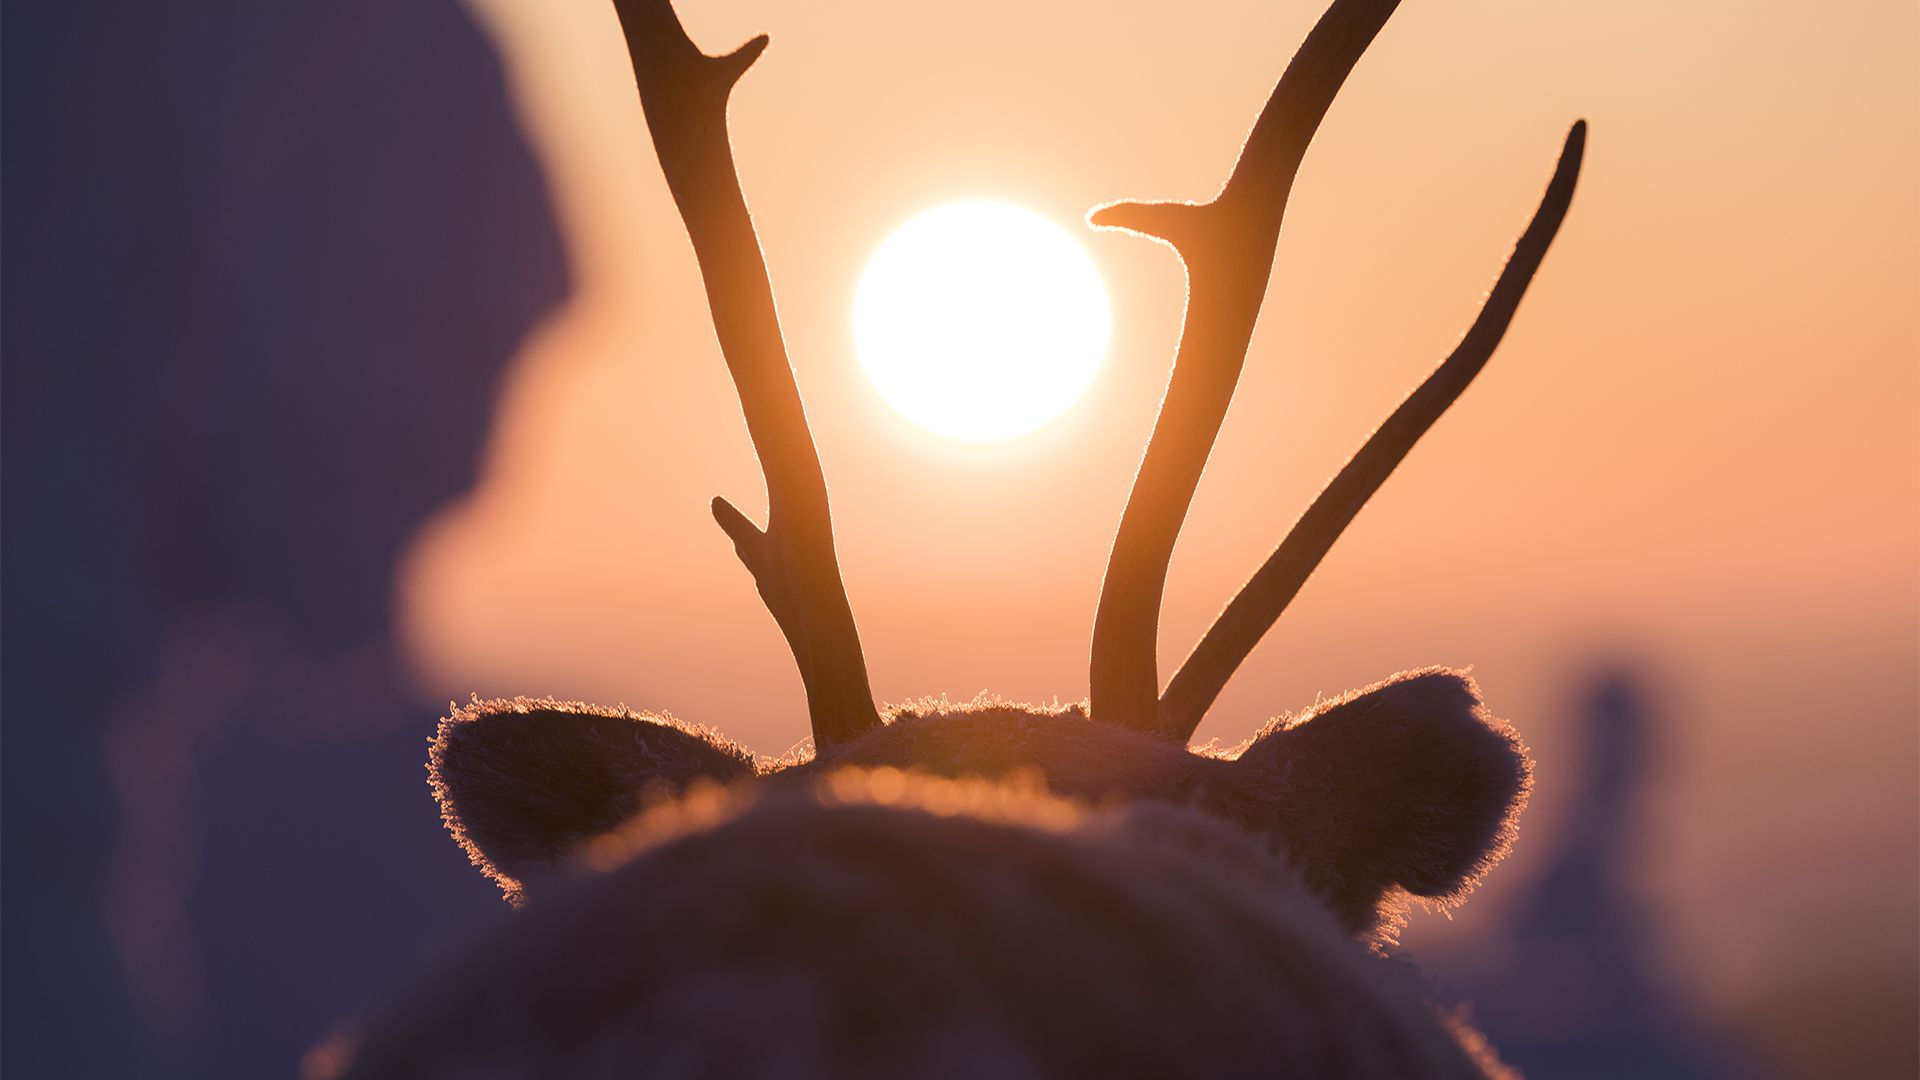 Lapland Ailo movie